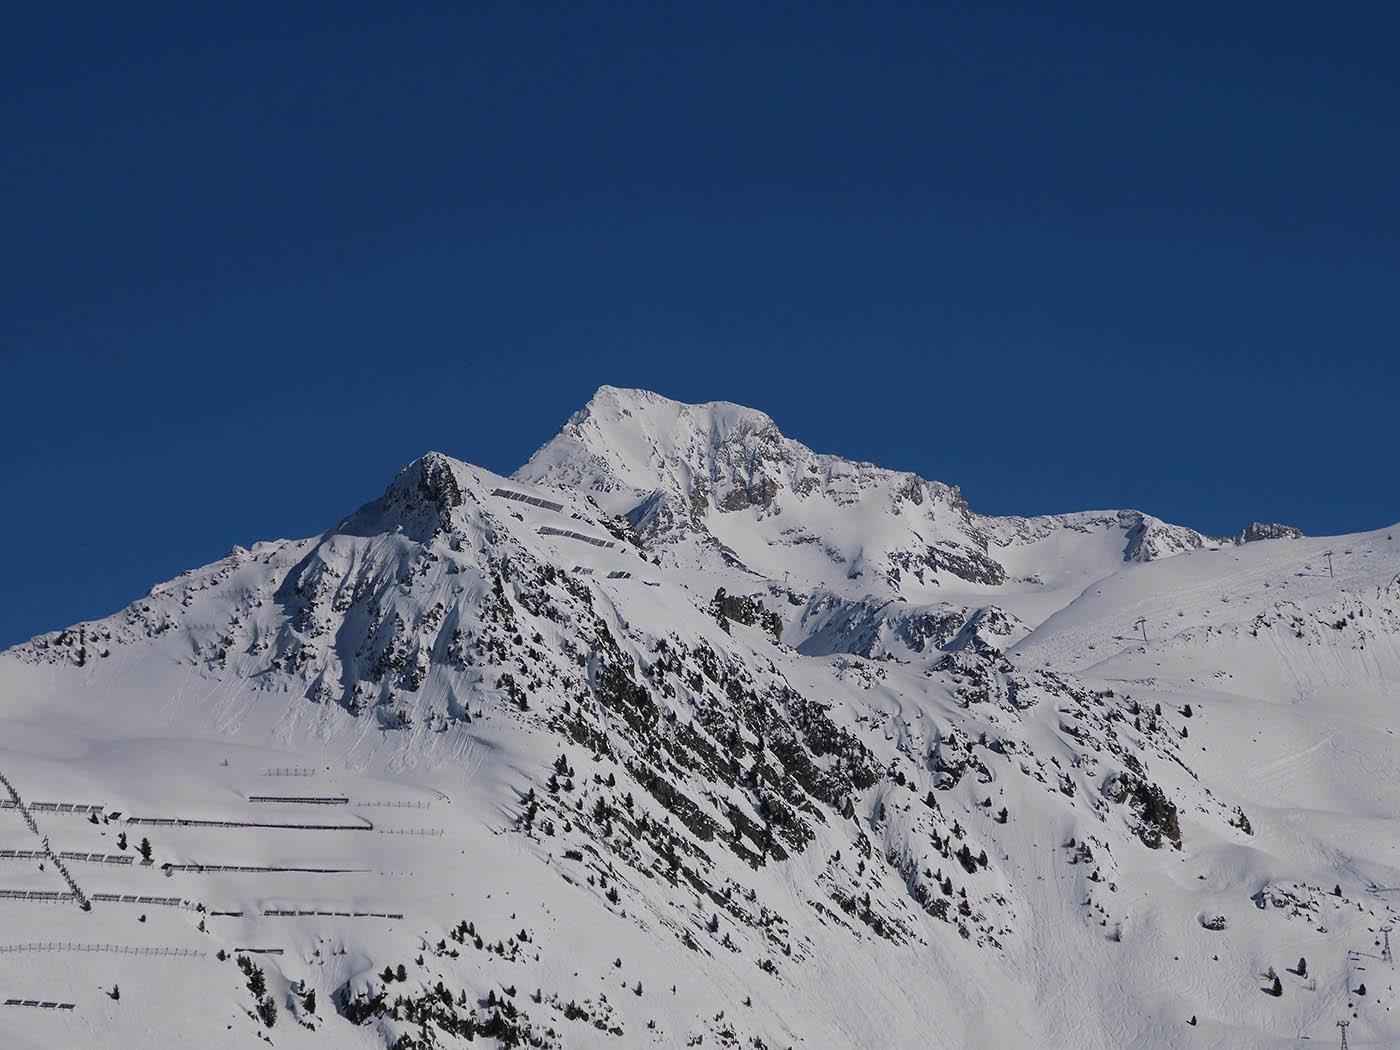 Sommet de montagne à 70 mm en ratio micro 4/3